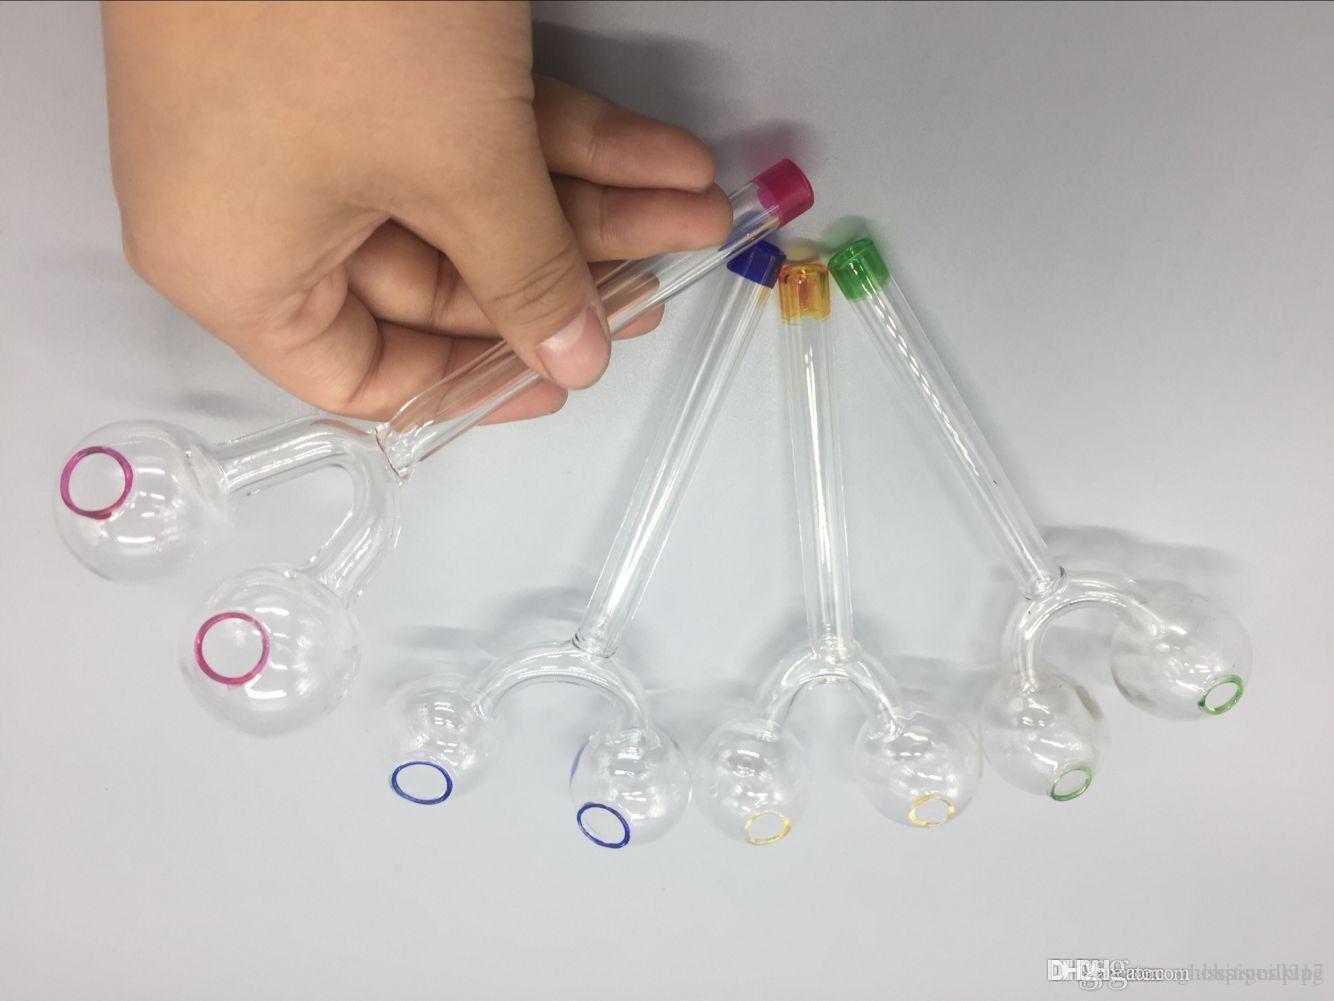 nuevo estilo 14cm tubos de vidrio de cristal del aceite quemador quemador doble fumar en pipa de agua Tubo para bongs de vidrio hookah EN STOCK